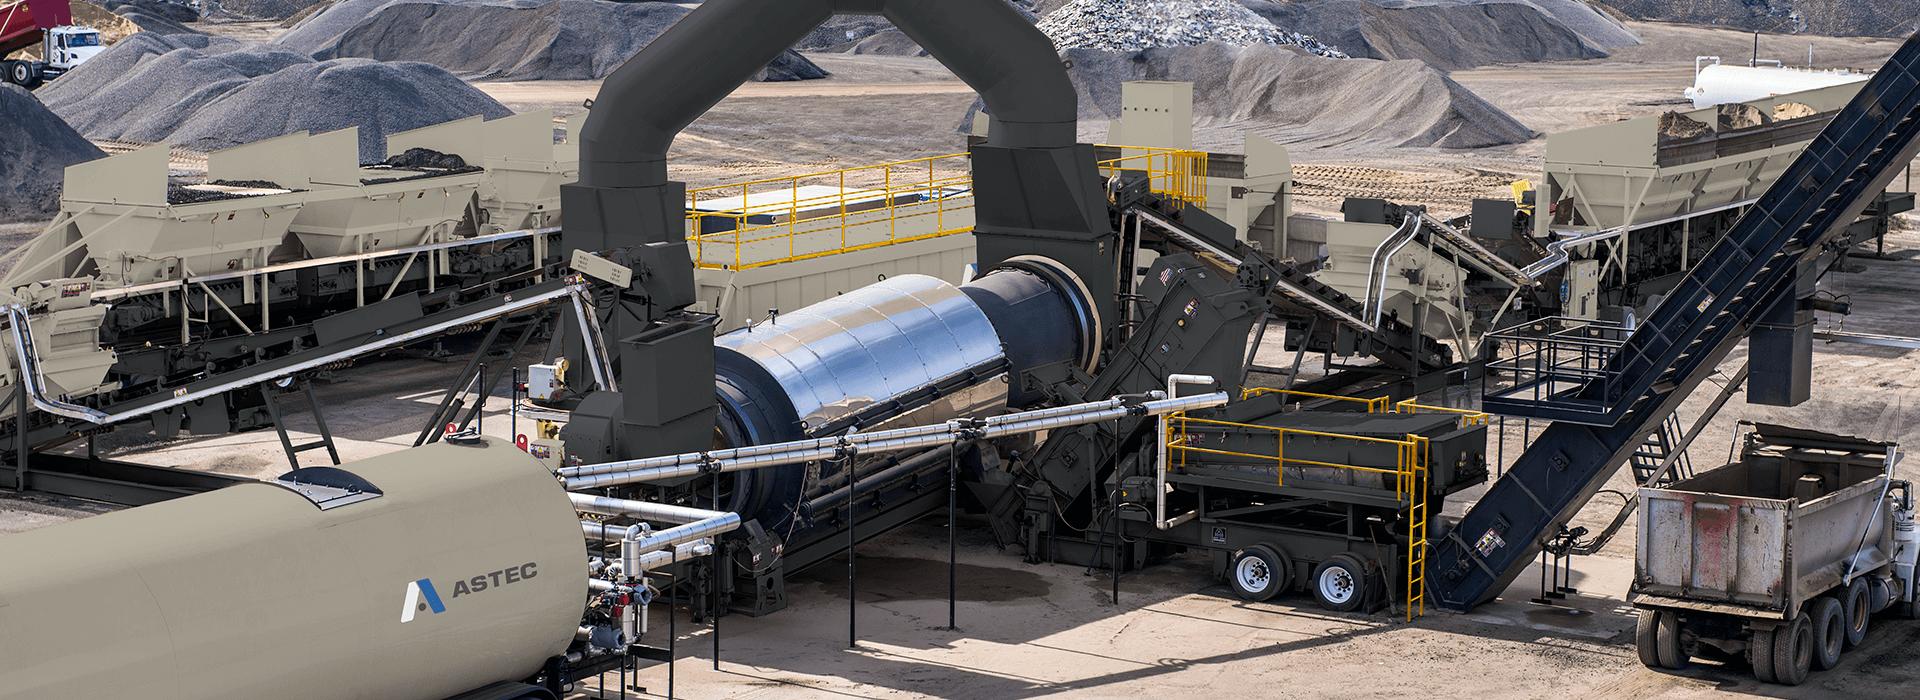 Astec Double Barrel X asphalt dryer with external mixer